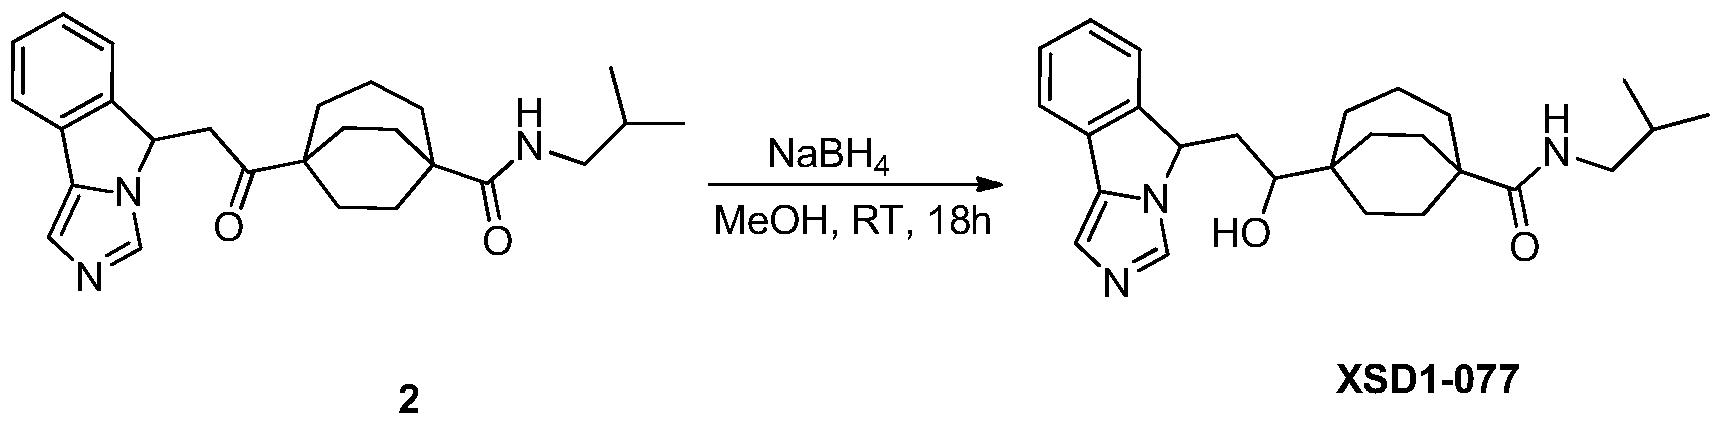 Figure PCTCN2017084604-appb-000102